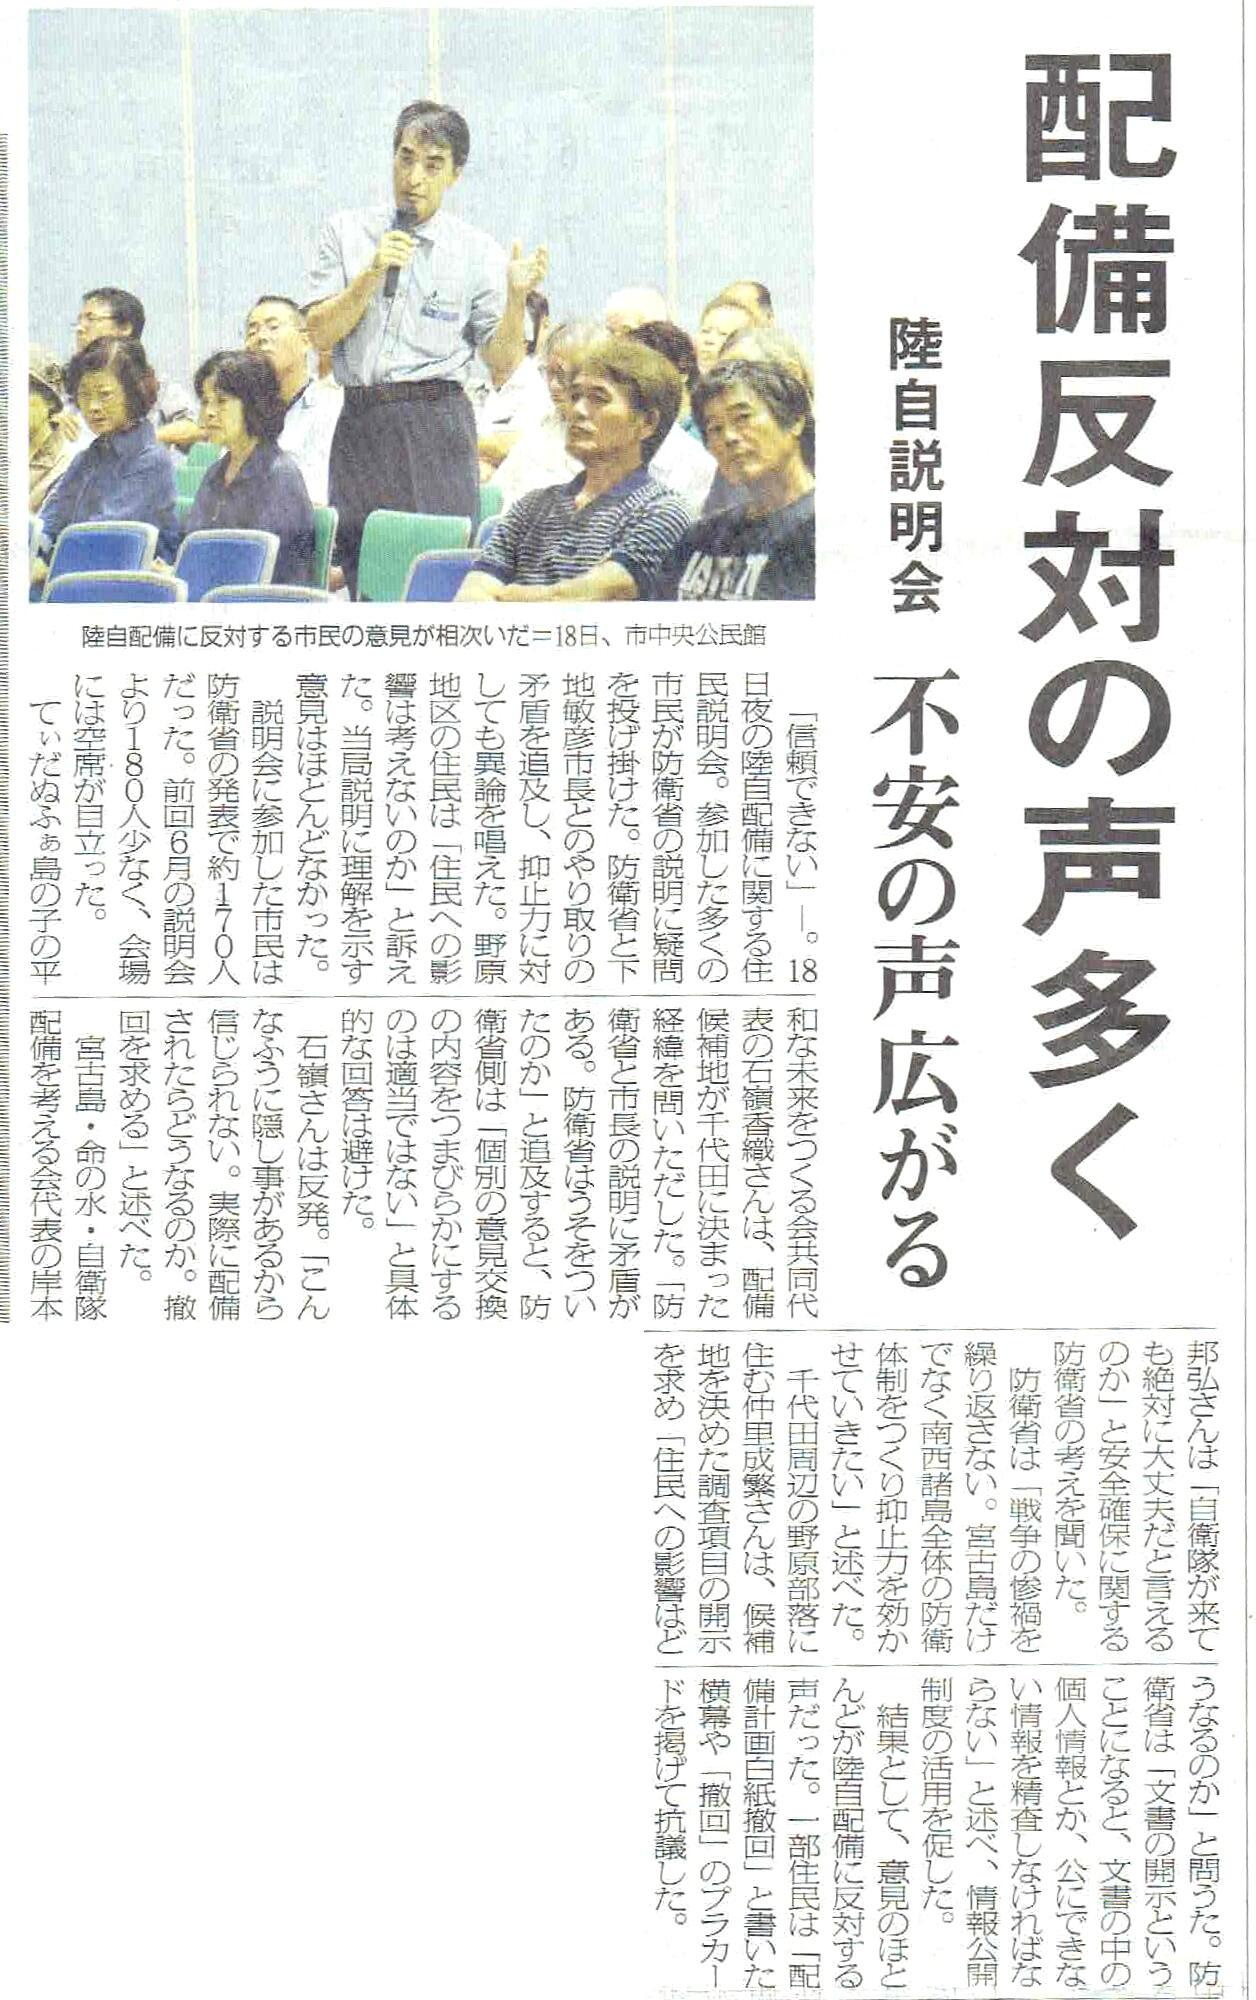 miyakomainichi2016 10192